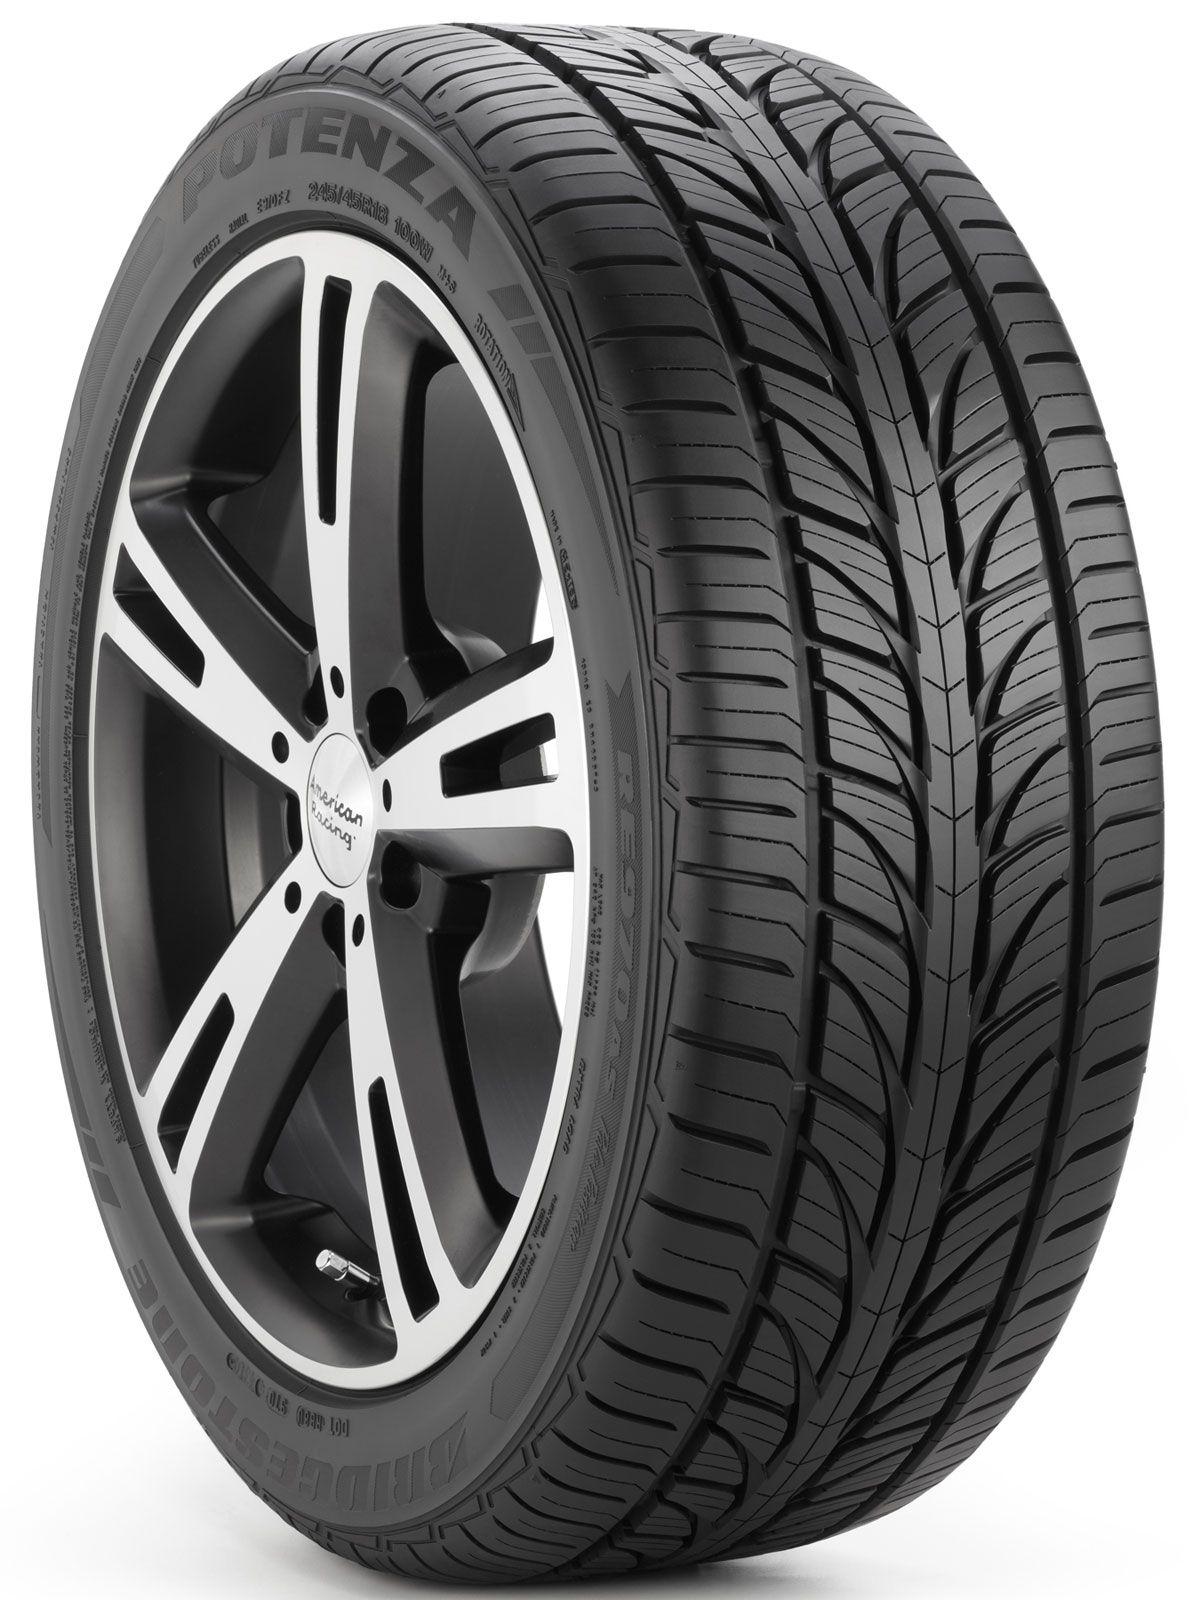 Pin On Ottawa Tires